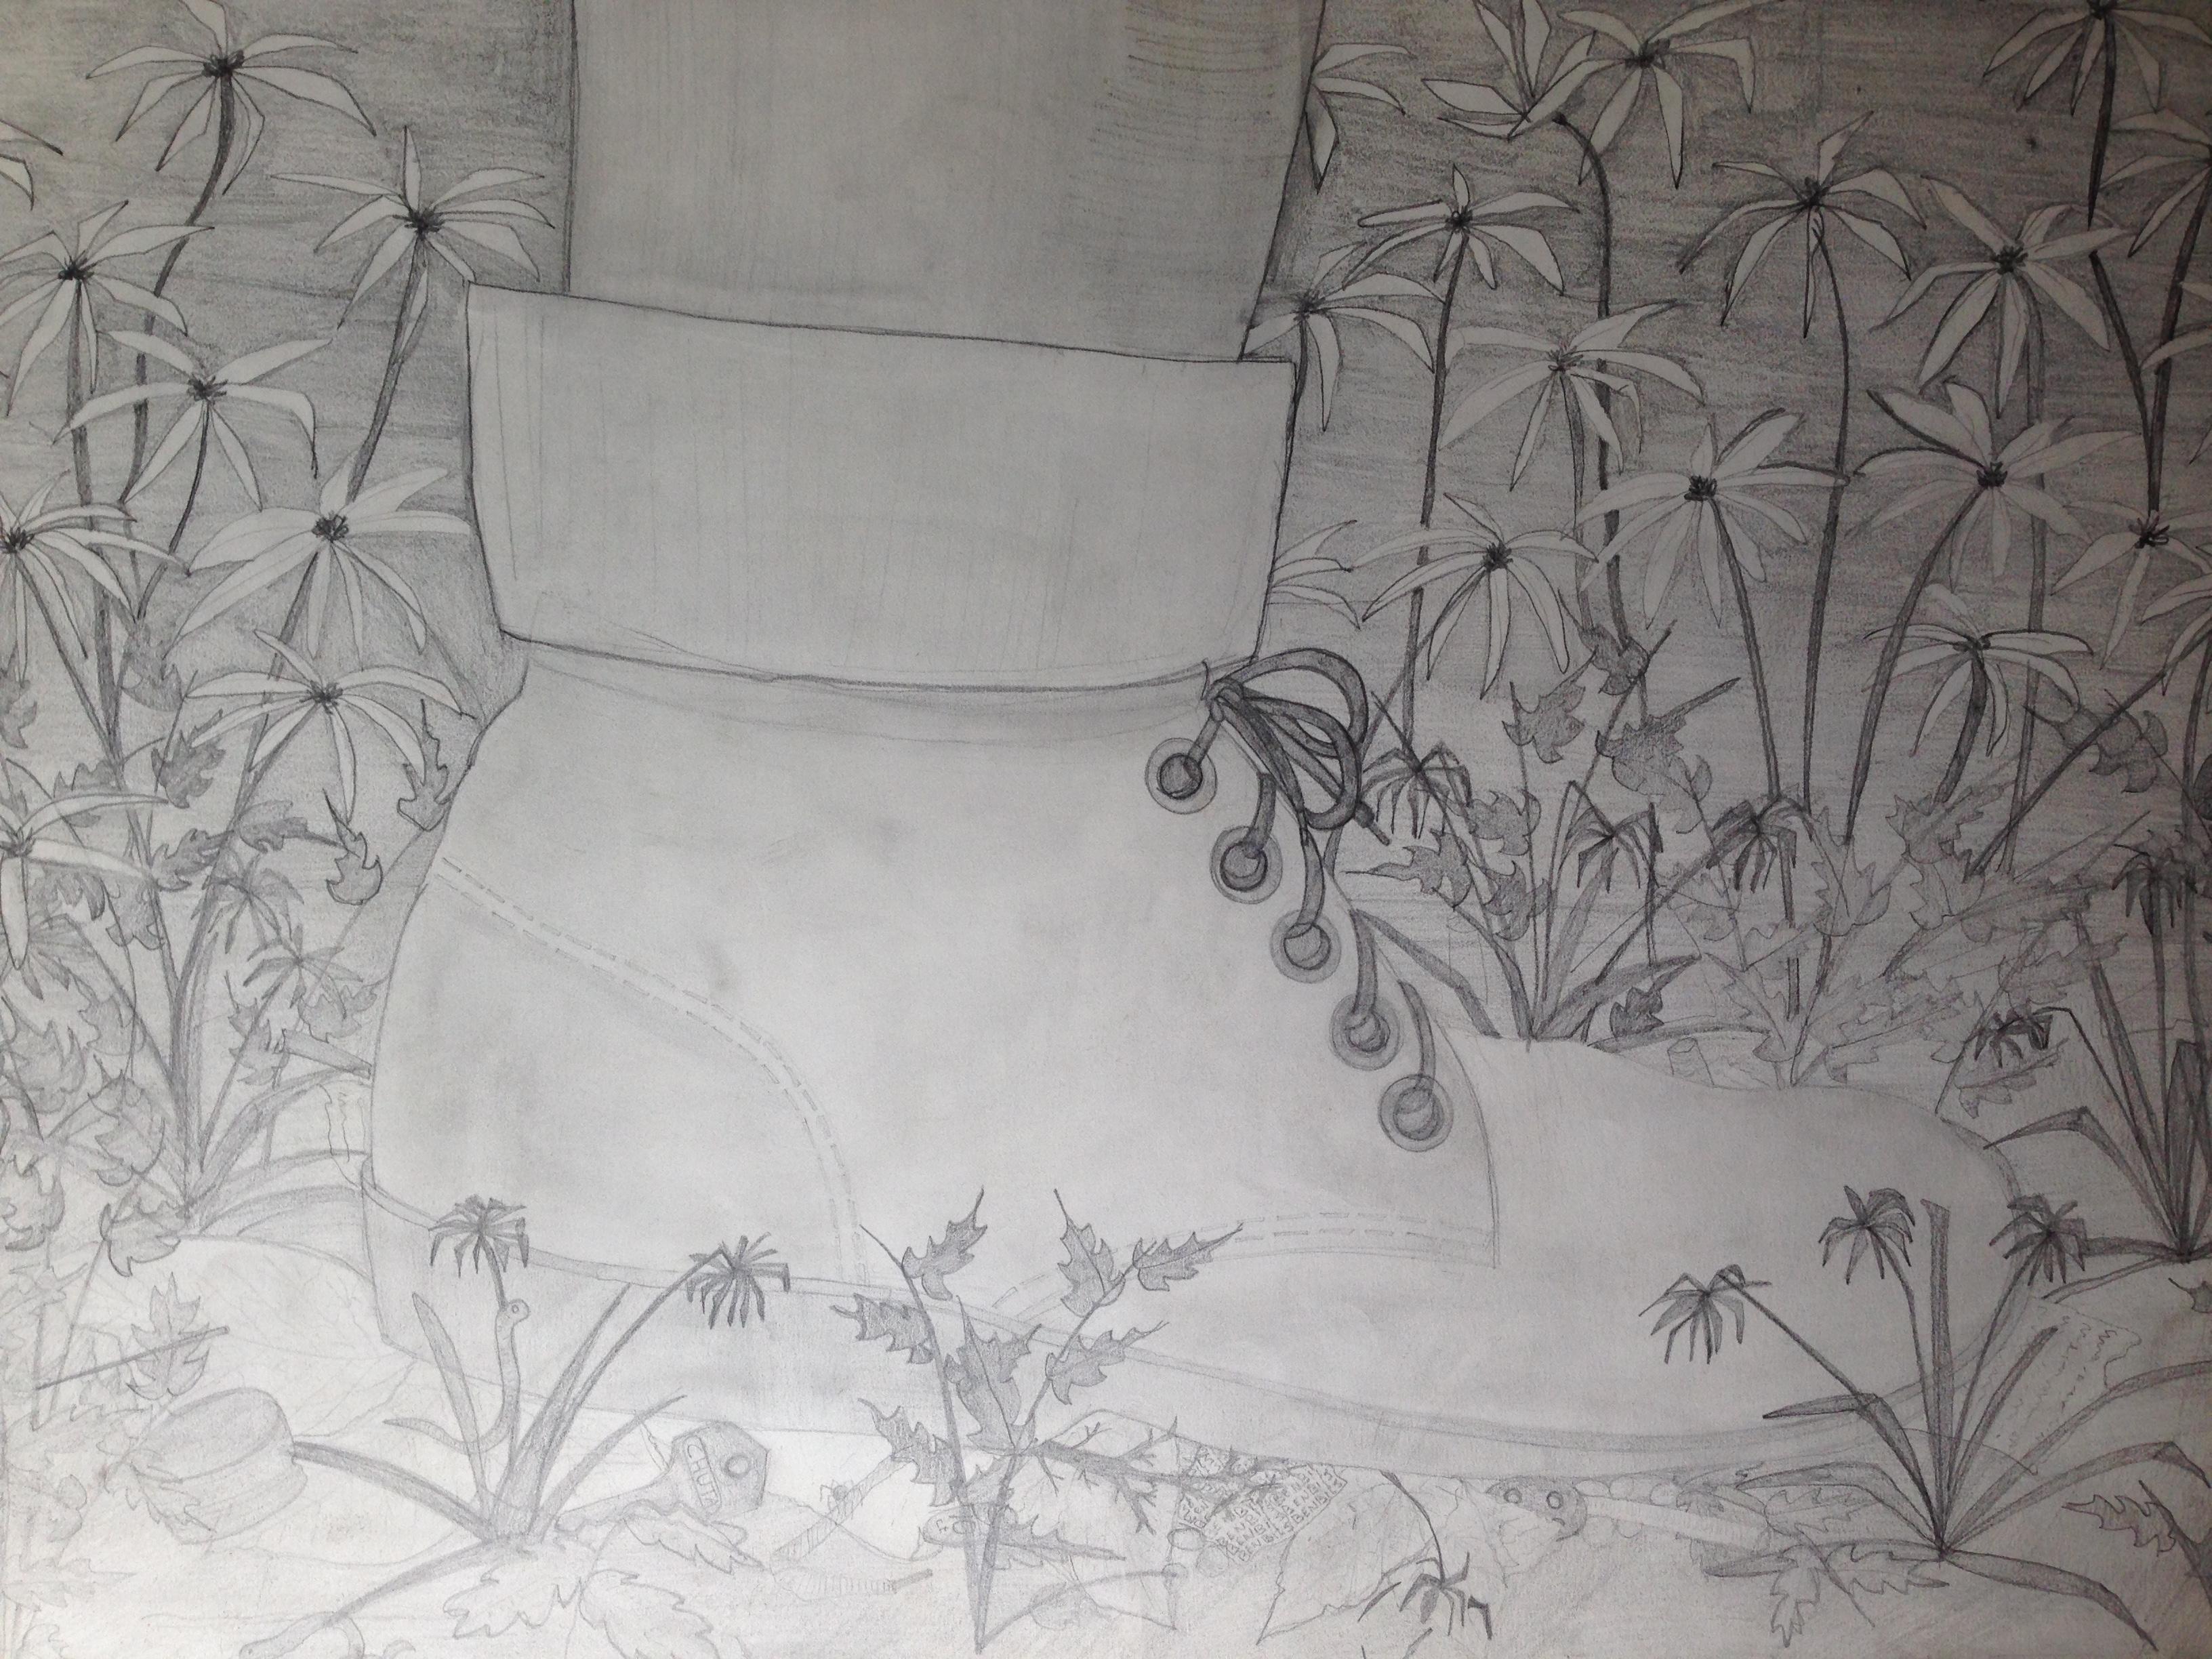 Schoeisel om een verre tocht mee te maken. Als ik met Tirelire ga wandelen, draag ik meestal stevige schoenen die mijn voeten beschermen als haar poot verkeerd neerkomt. Deze tekening maakte ik als 13-jarige in de brugklas.